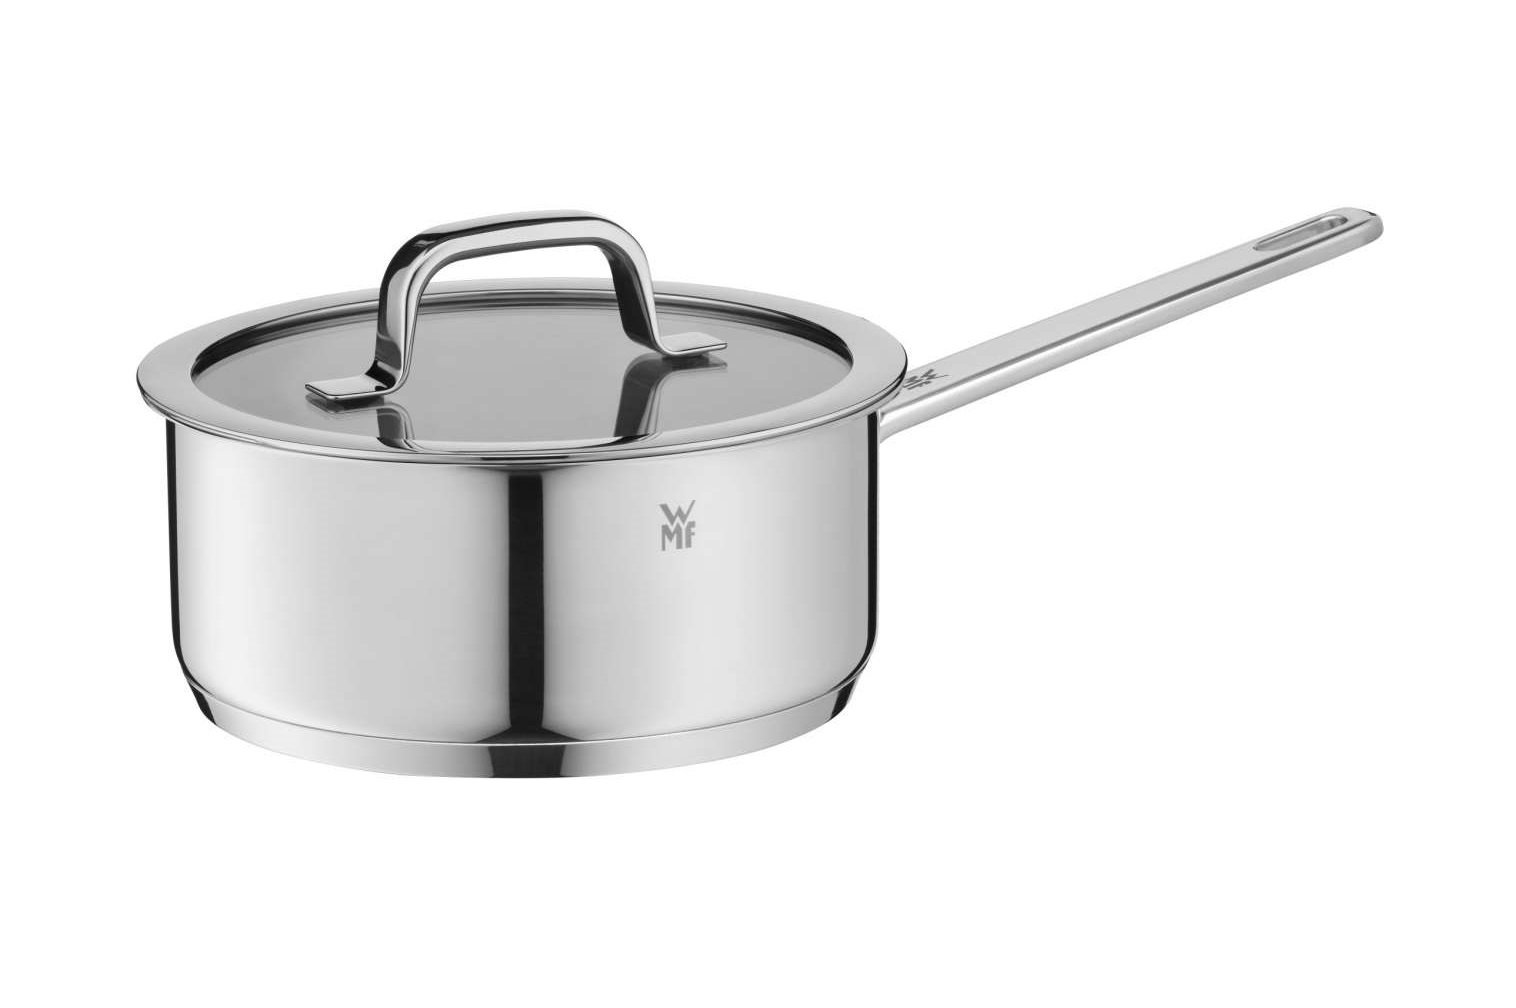 Rendlík s poklicí Compact Cuisine 20 cm - WMF